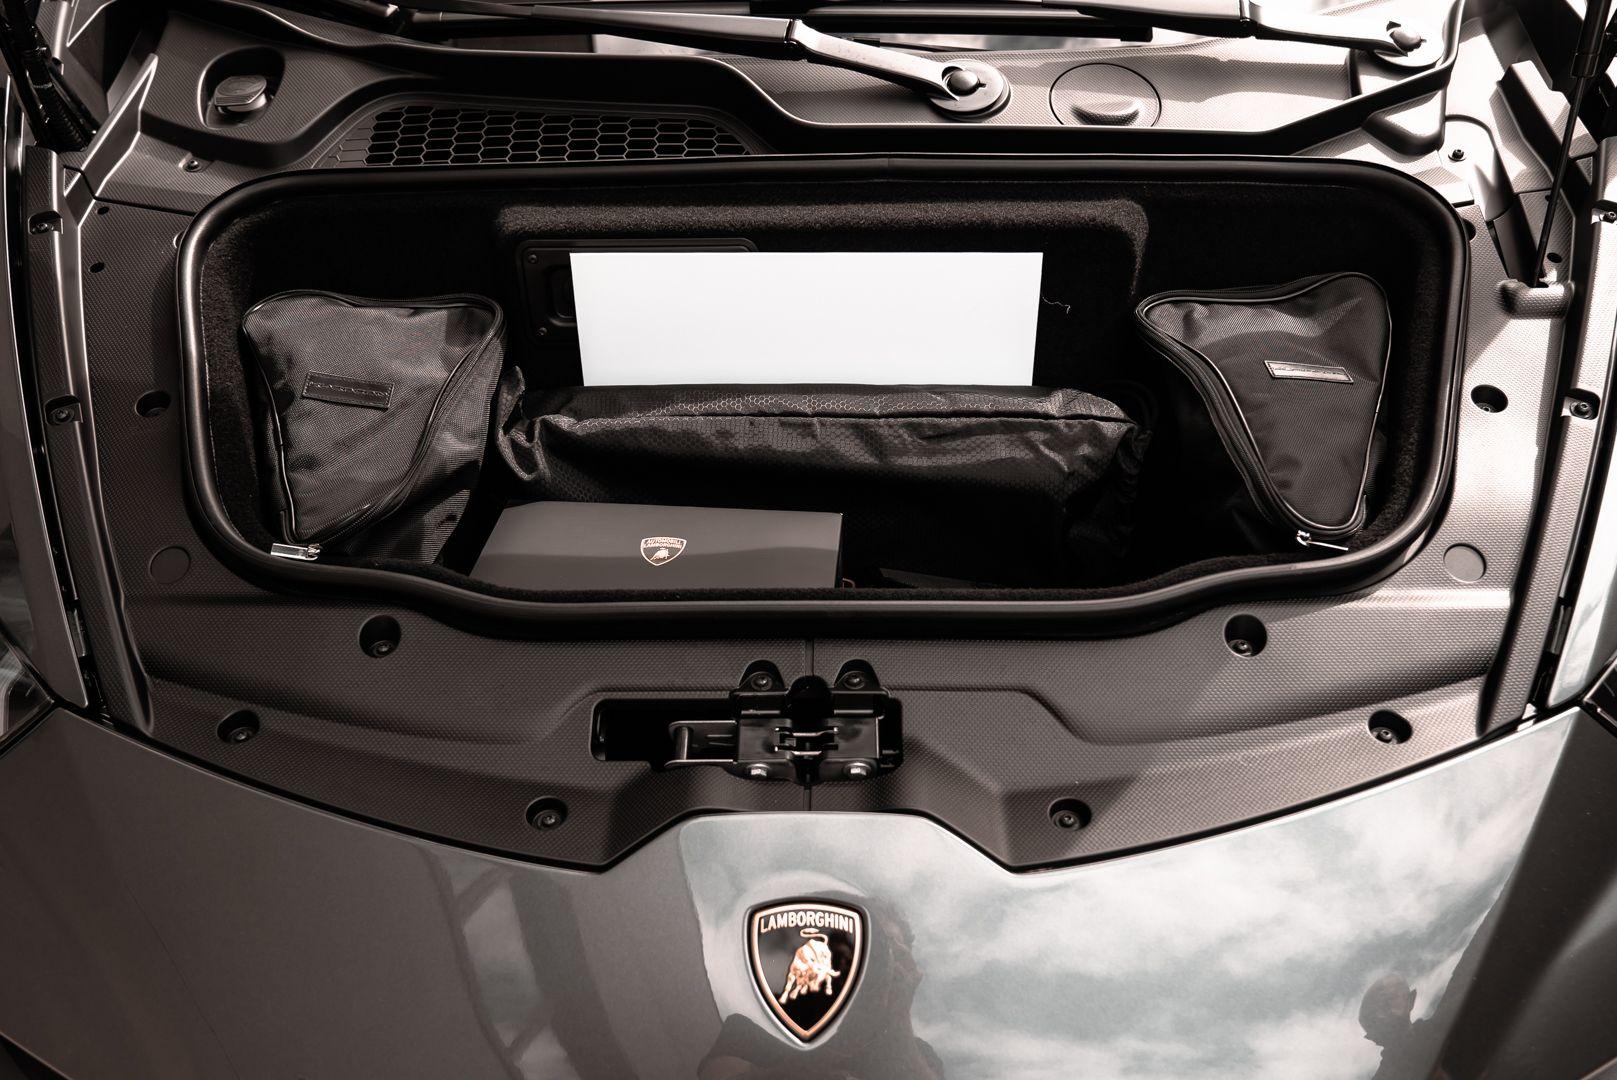 2021 Lamborghini Huracan EVO 71001